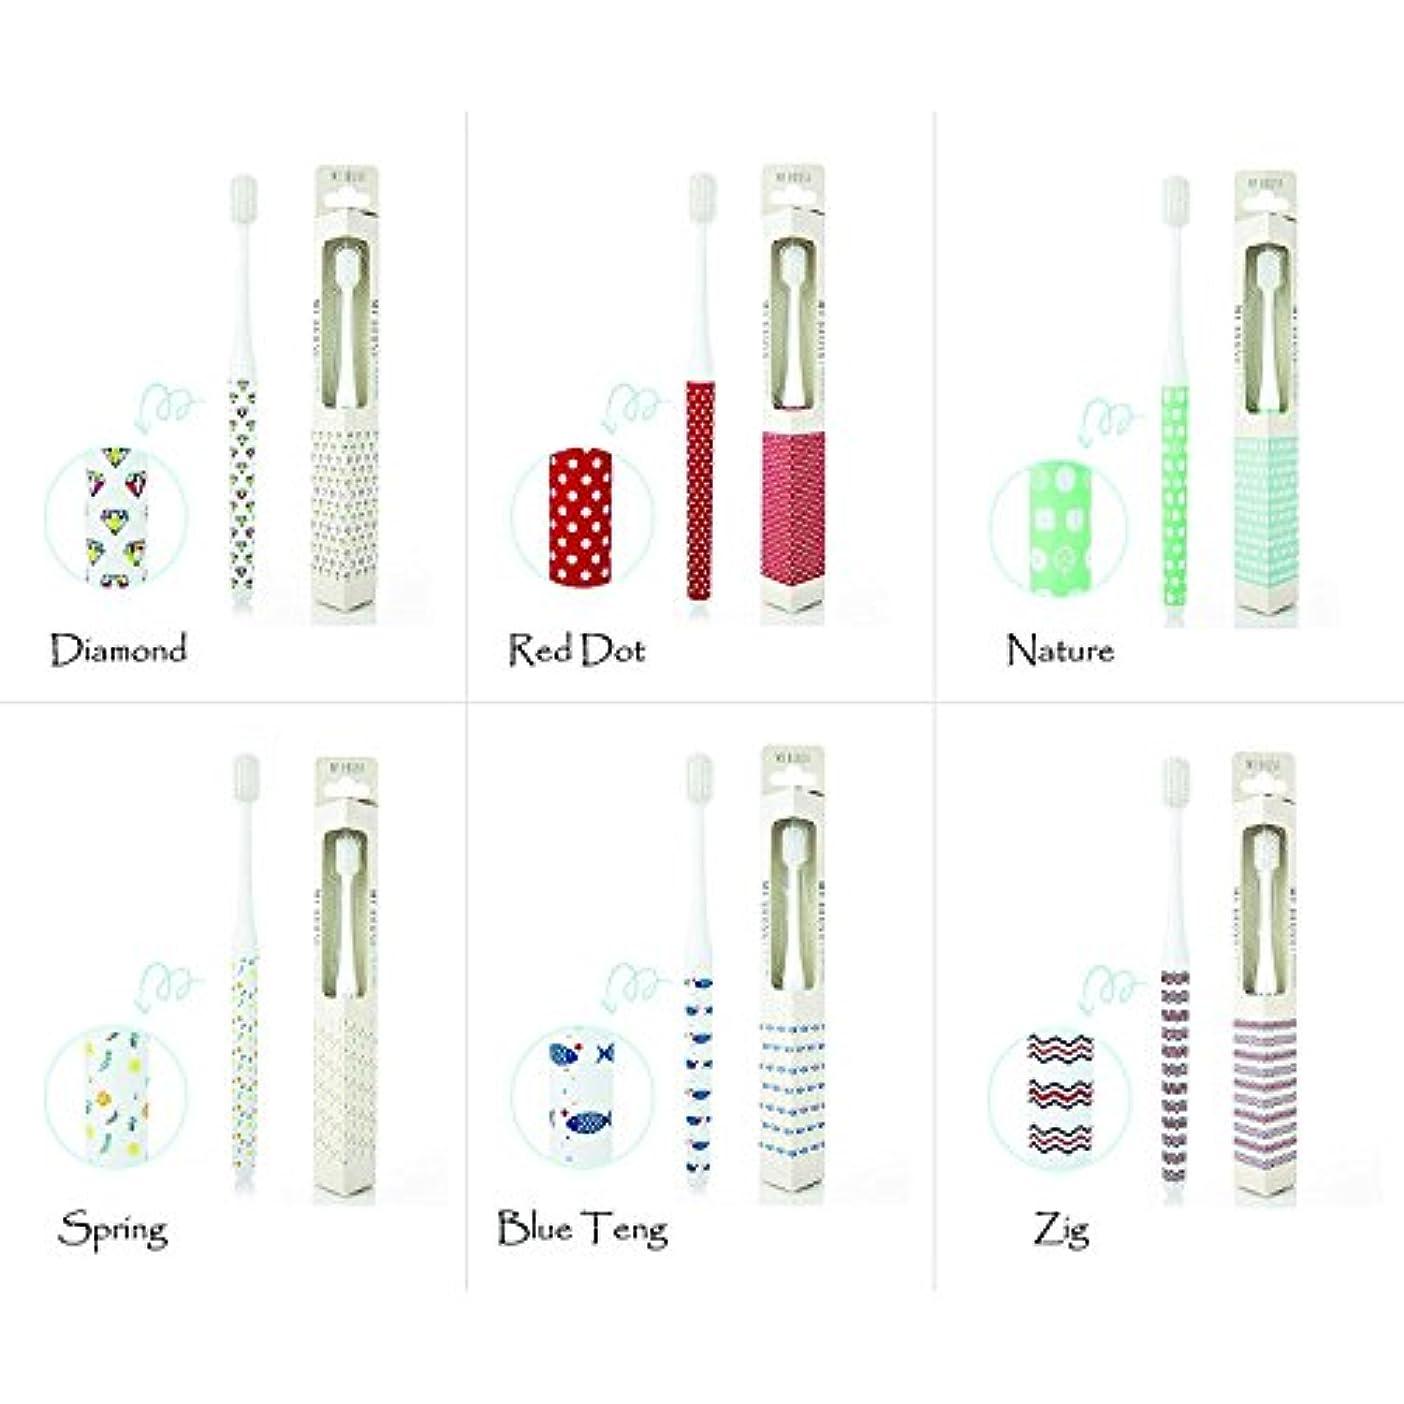 法医学積分効率的【My Brush Series】磨きやすい 抗菌超極細毛ソフト コンパクトヘッド デザイナー歯ブラシ 6本セット (大人用ハブラシ)